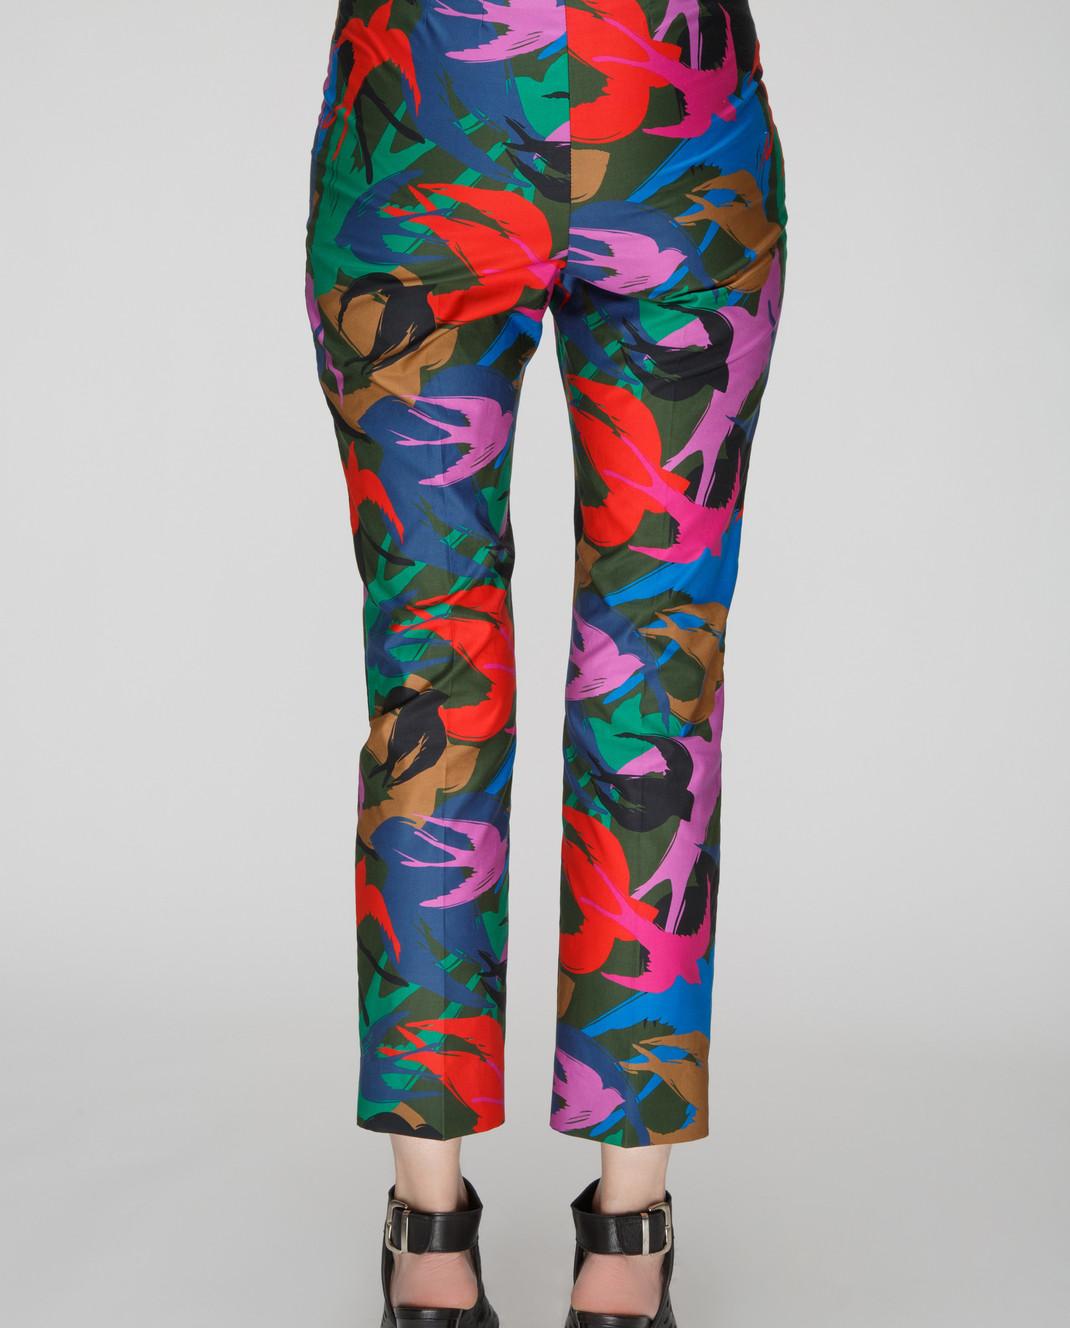 Sonia Rykiel Темно-зеленые брюки 15329342 изображение 4